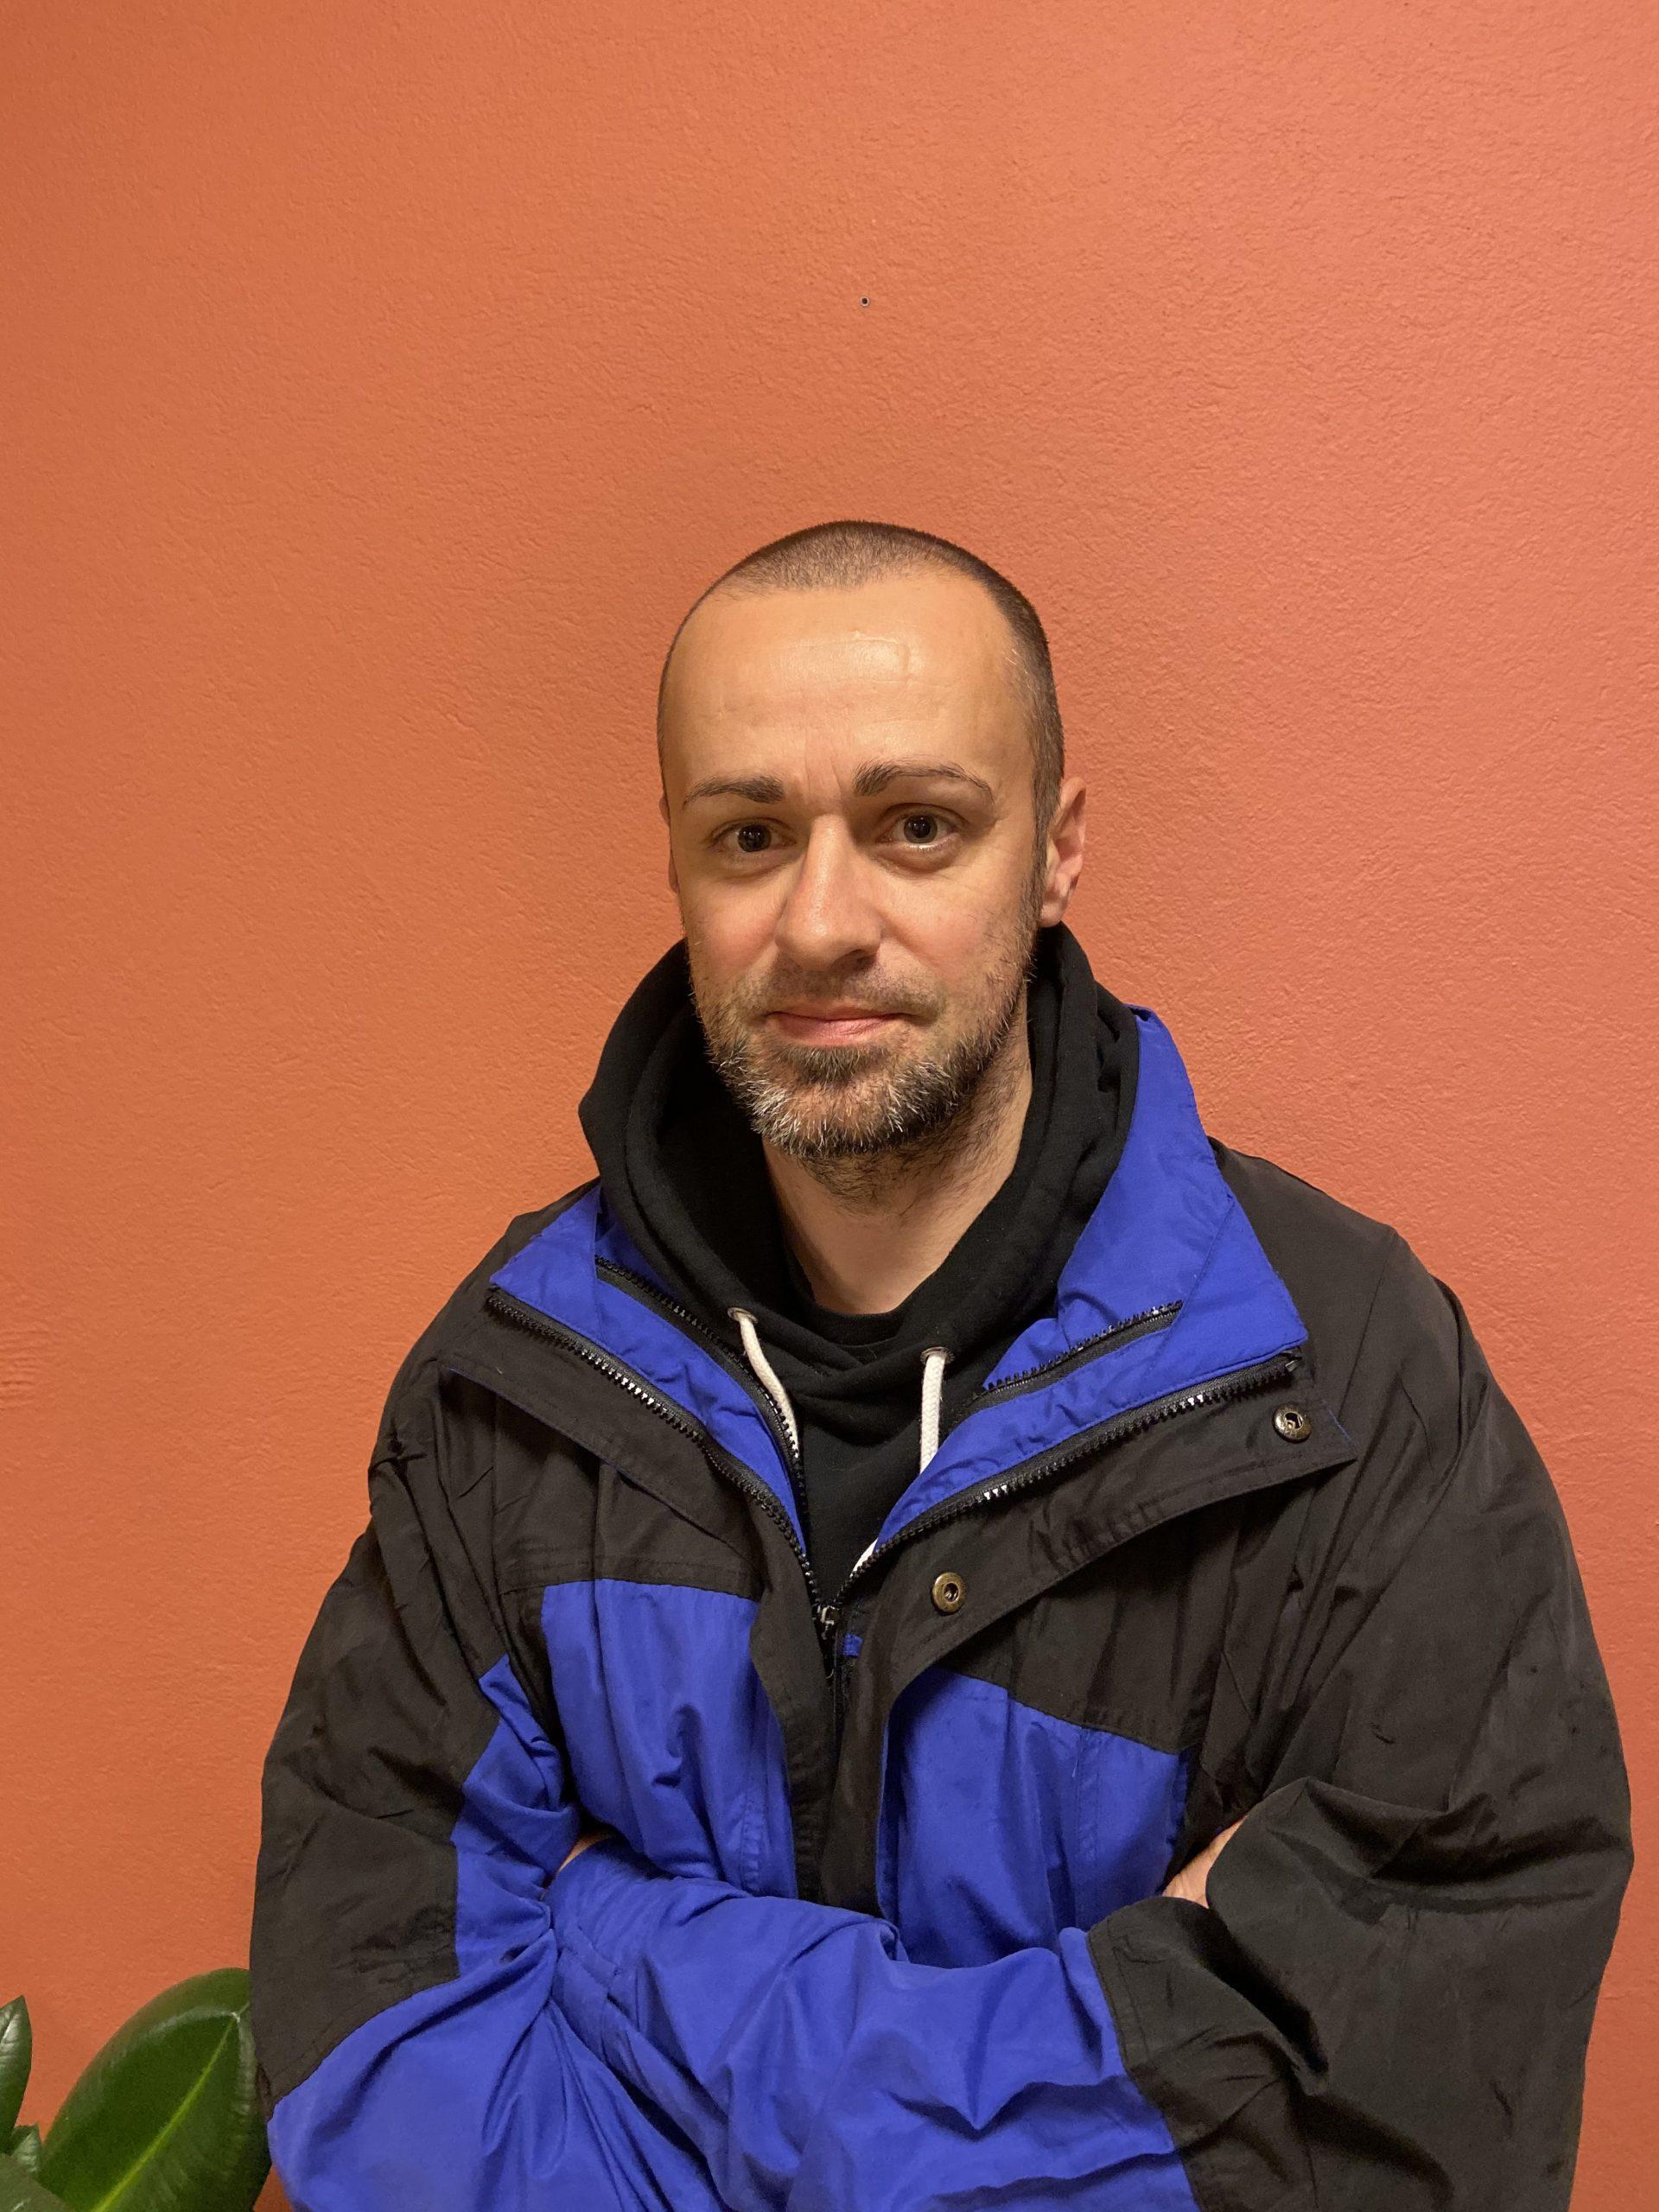 Marc Quennoz